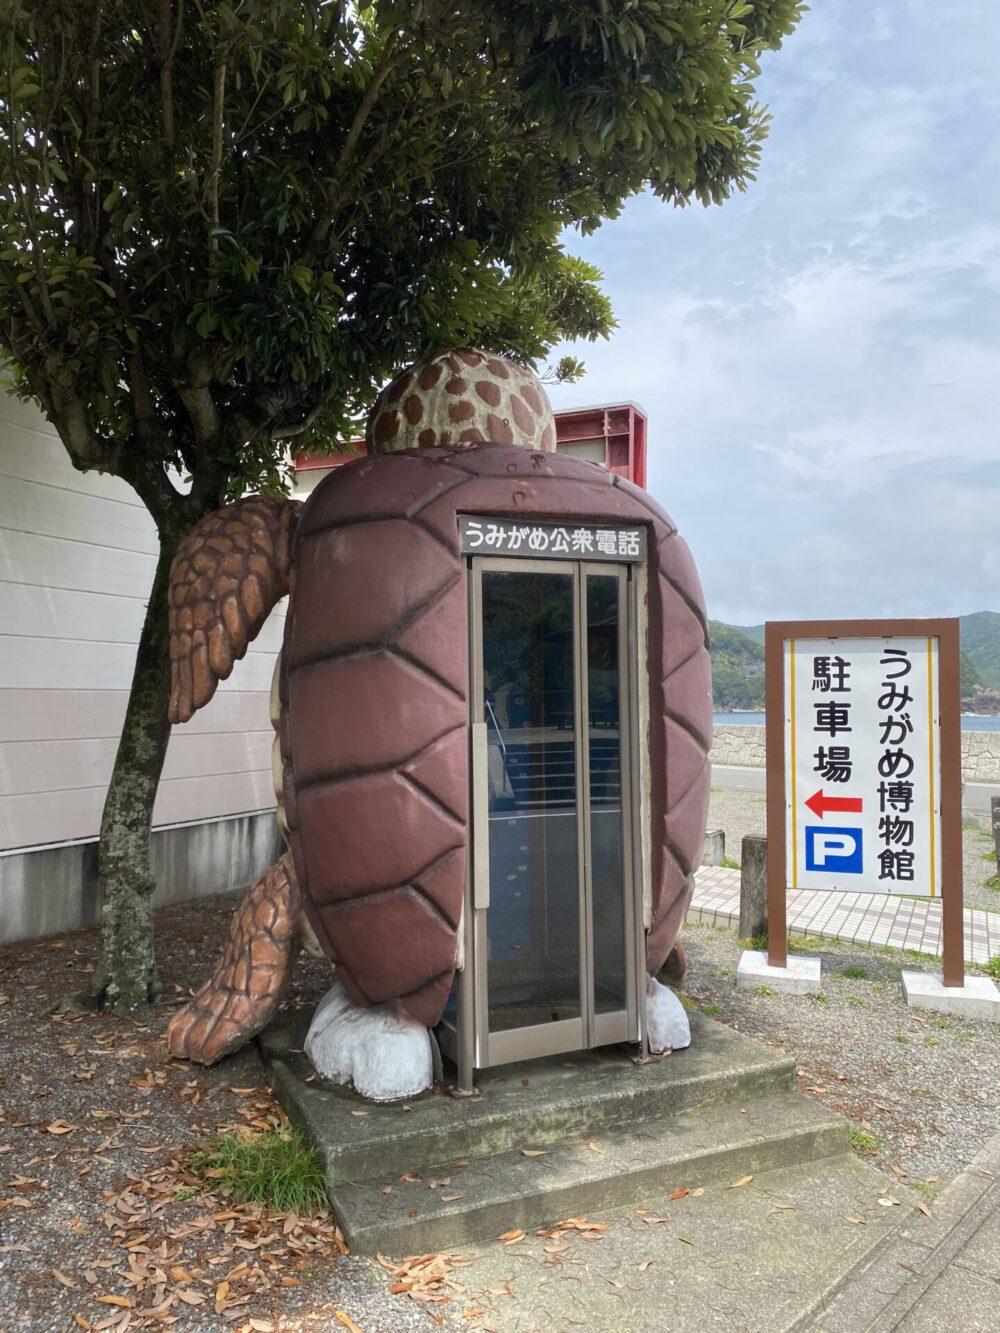 公衆電話も、もちろんウミガメ